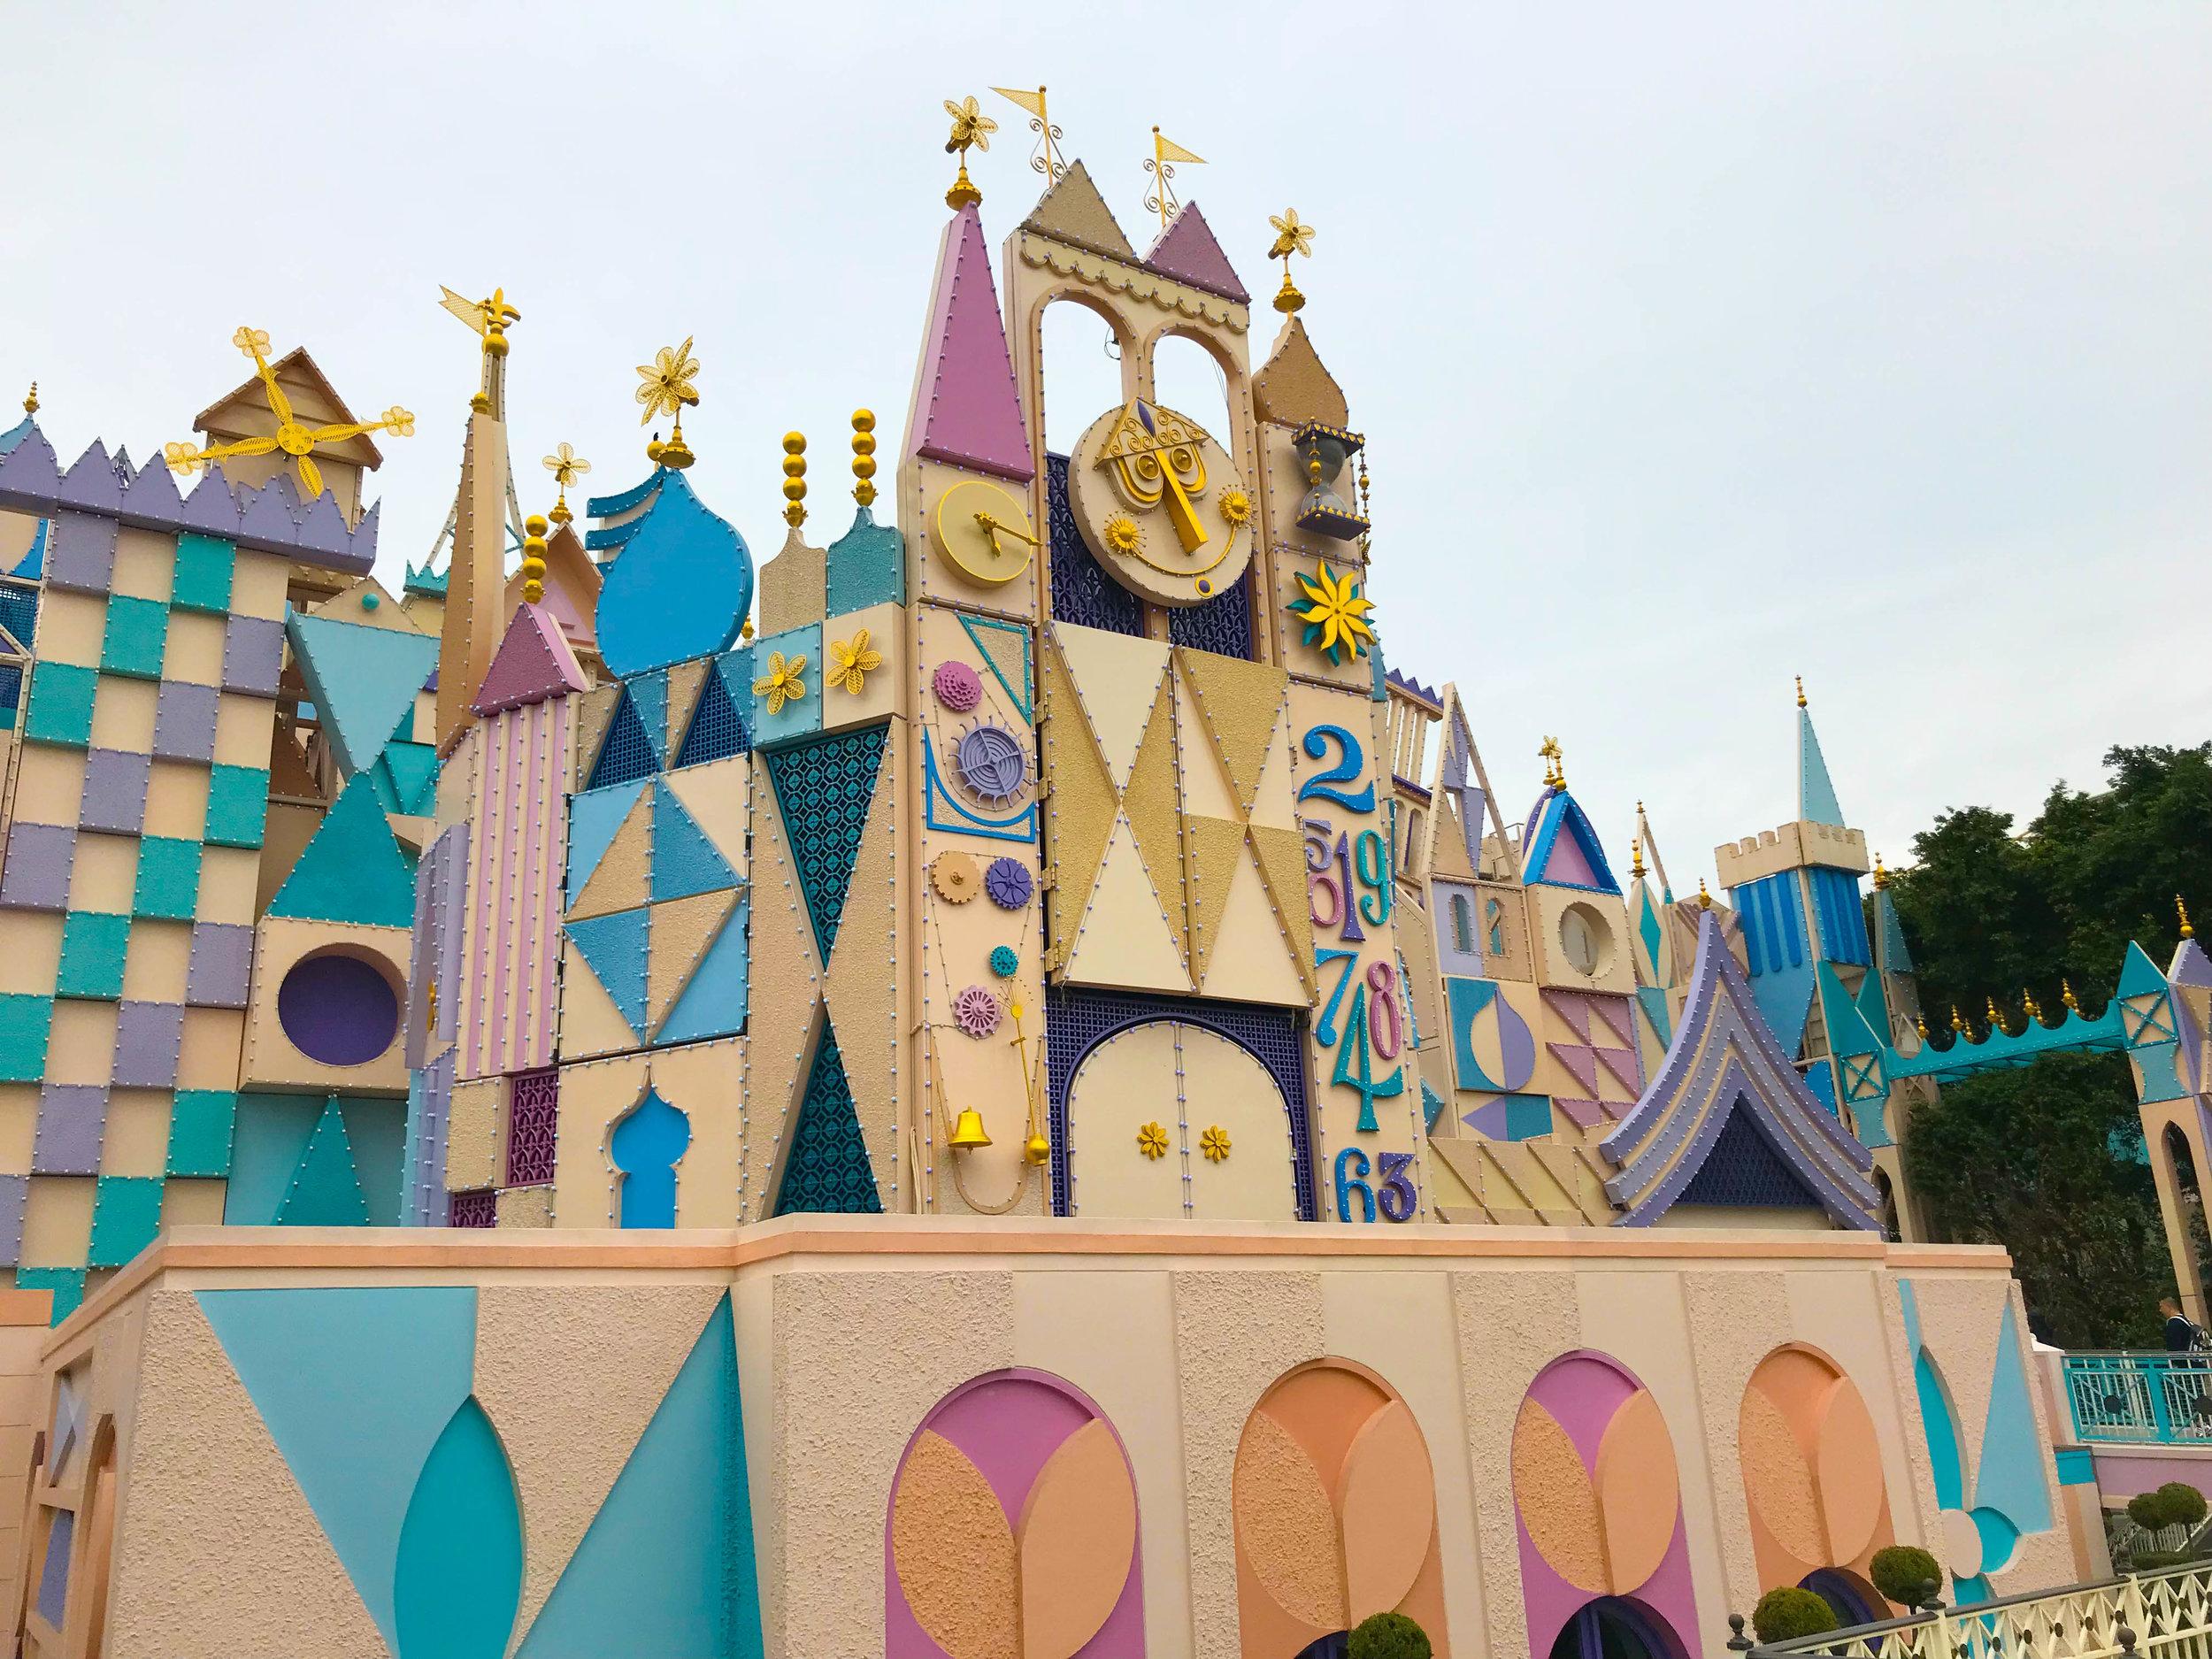 Hong-Kong-Disneyland-small-world.jpg